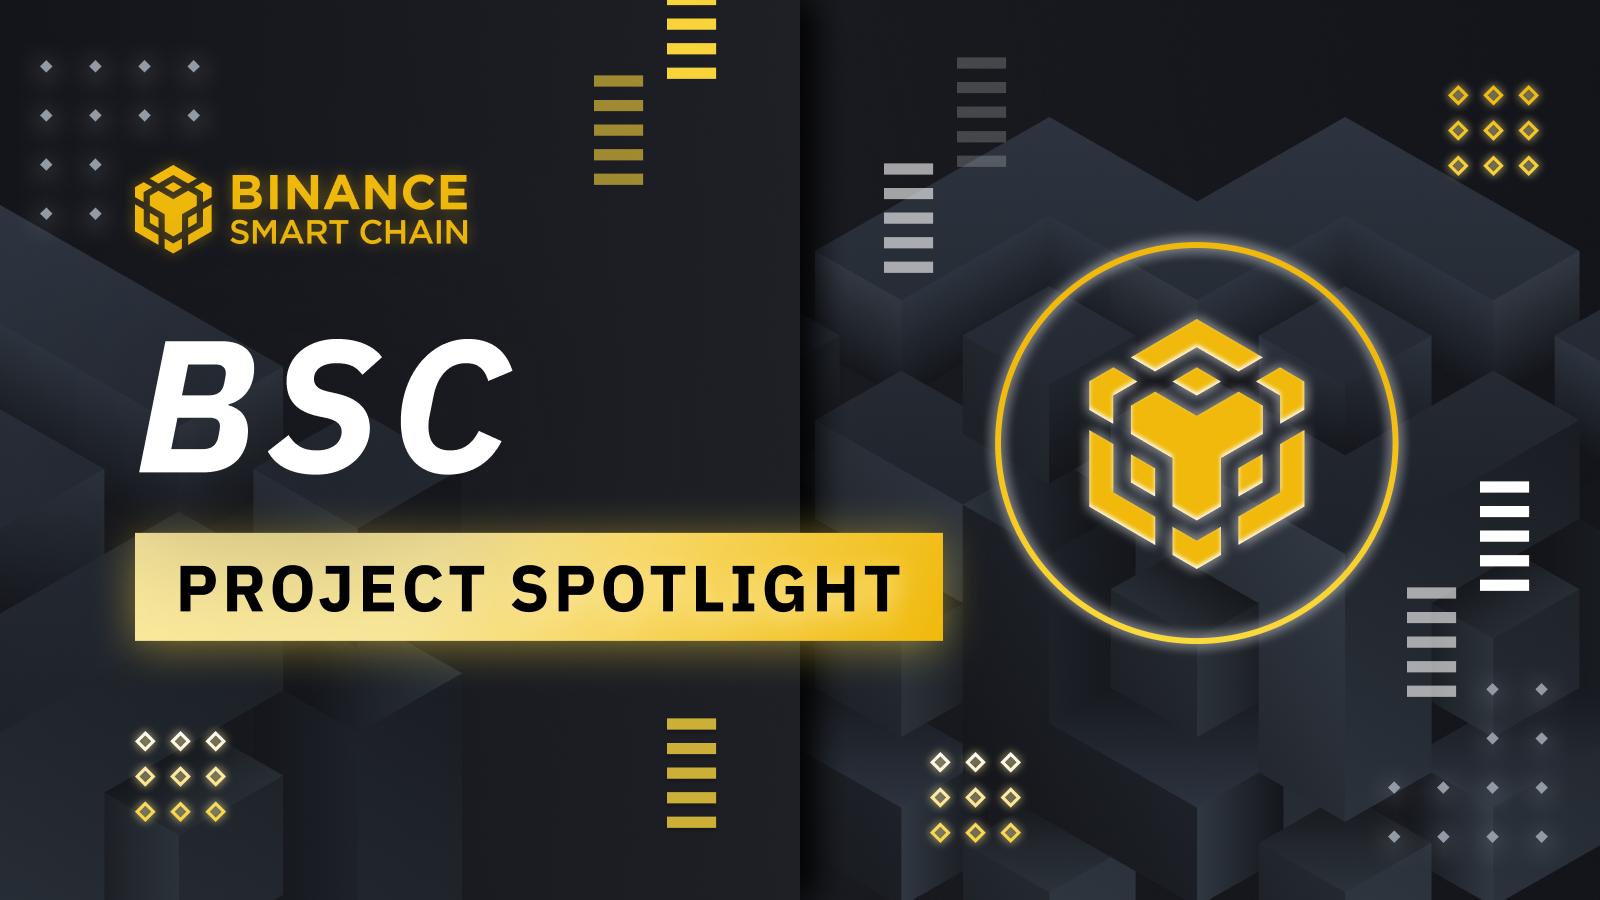 BSC Project Spotlight: 0x Labs